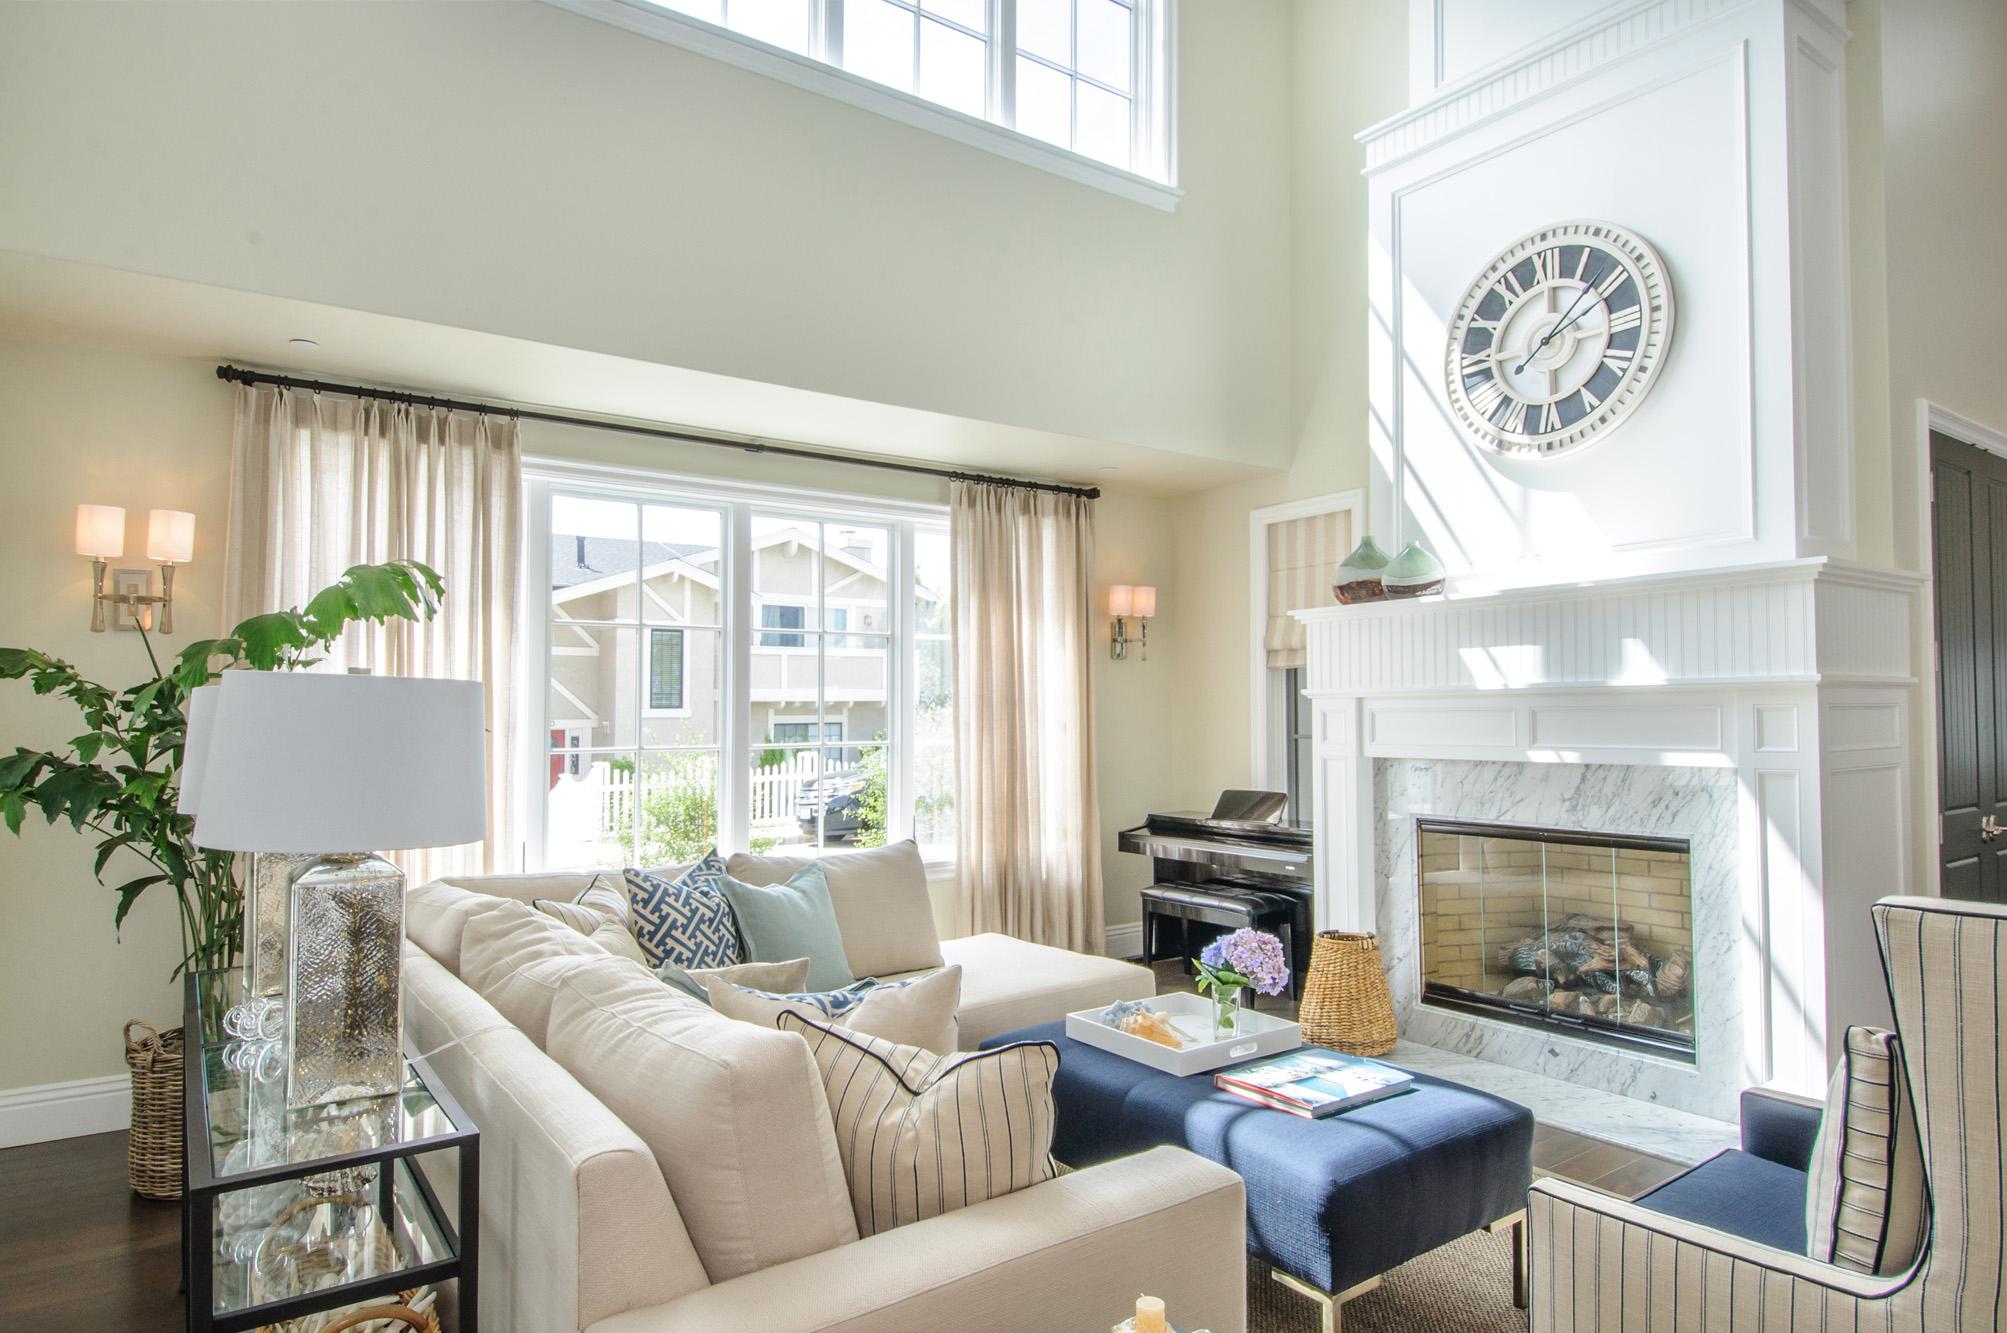 capecod livng room - tan & navy.jpg